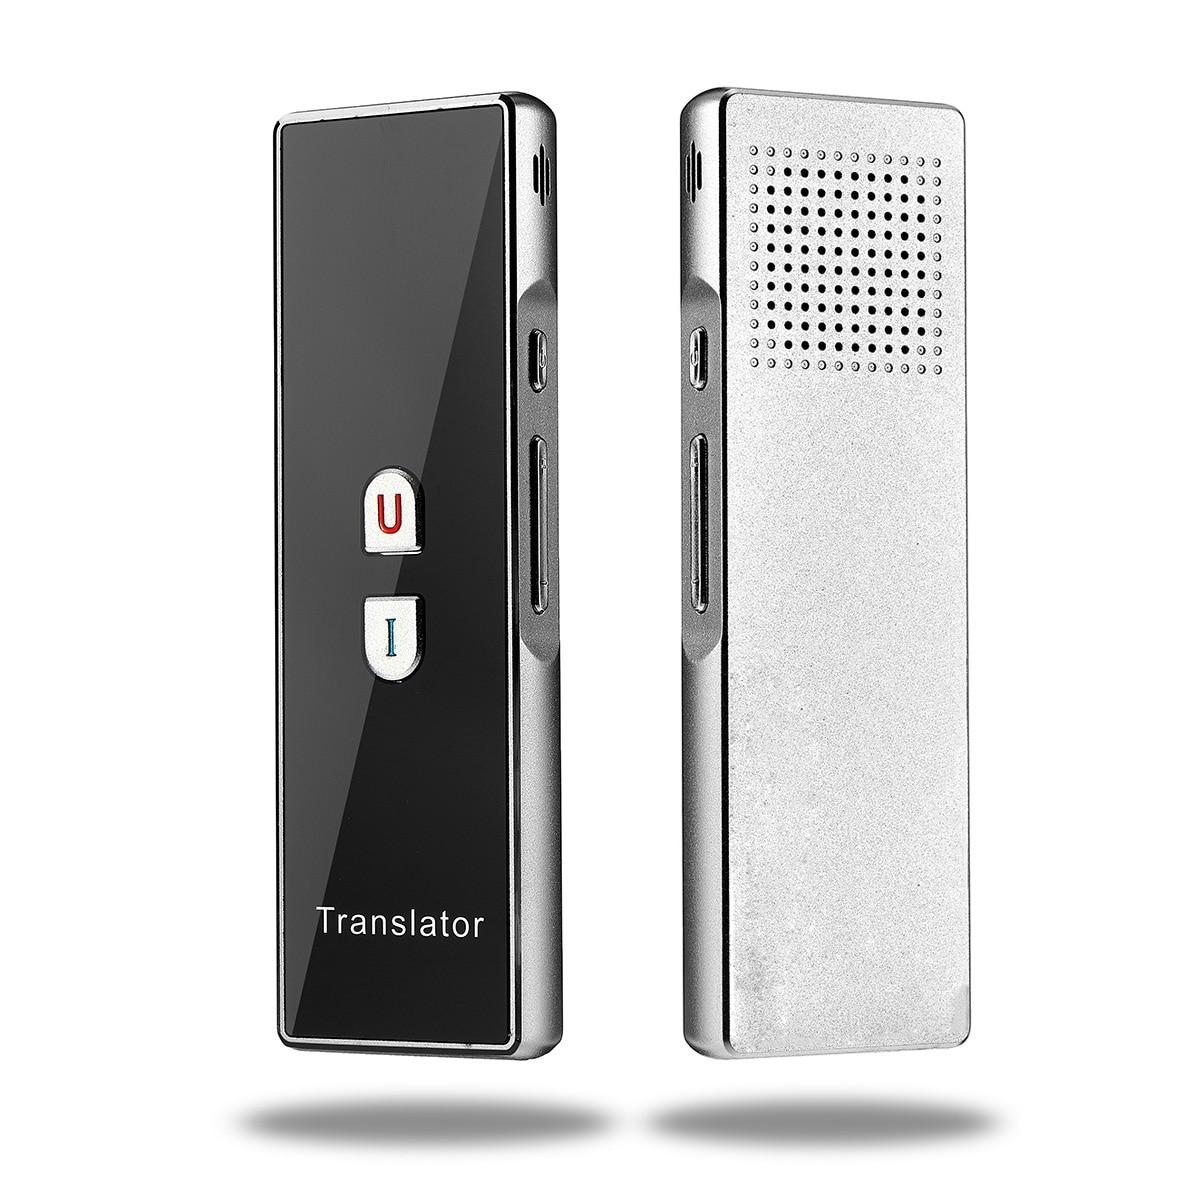 Portable Smart Traductor de voz en tiempo Real 40 traducción idiomas Bluetooth instantánea Traductor aprendizaje negocio